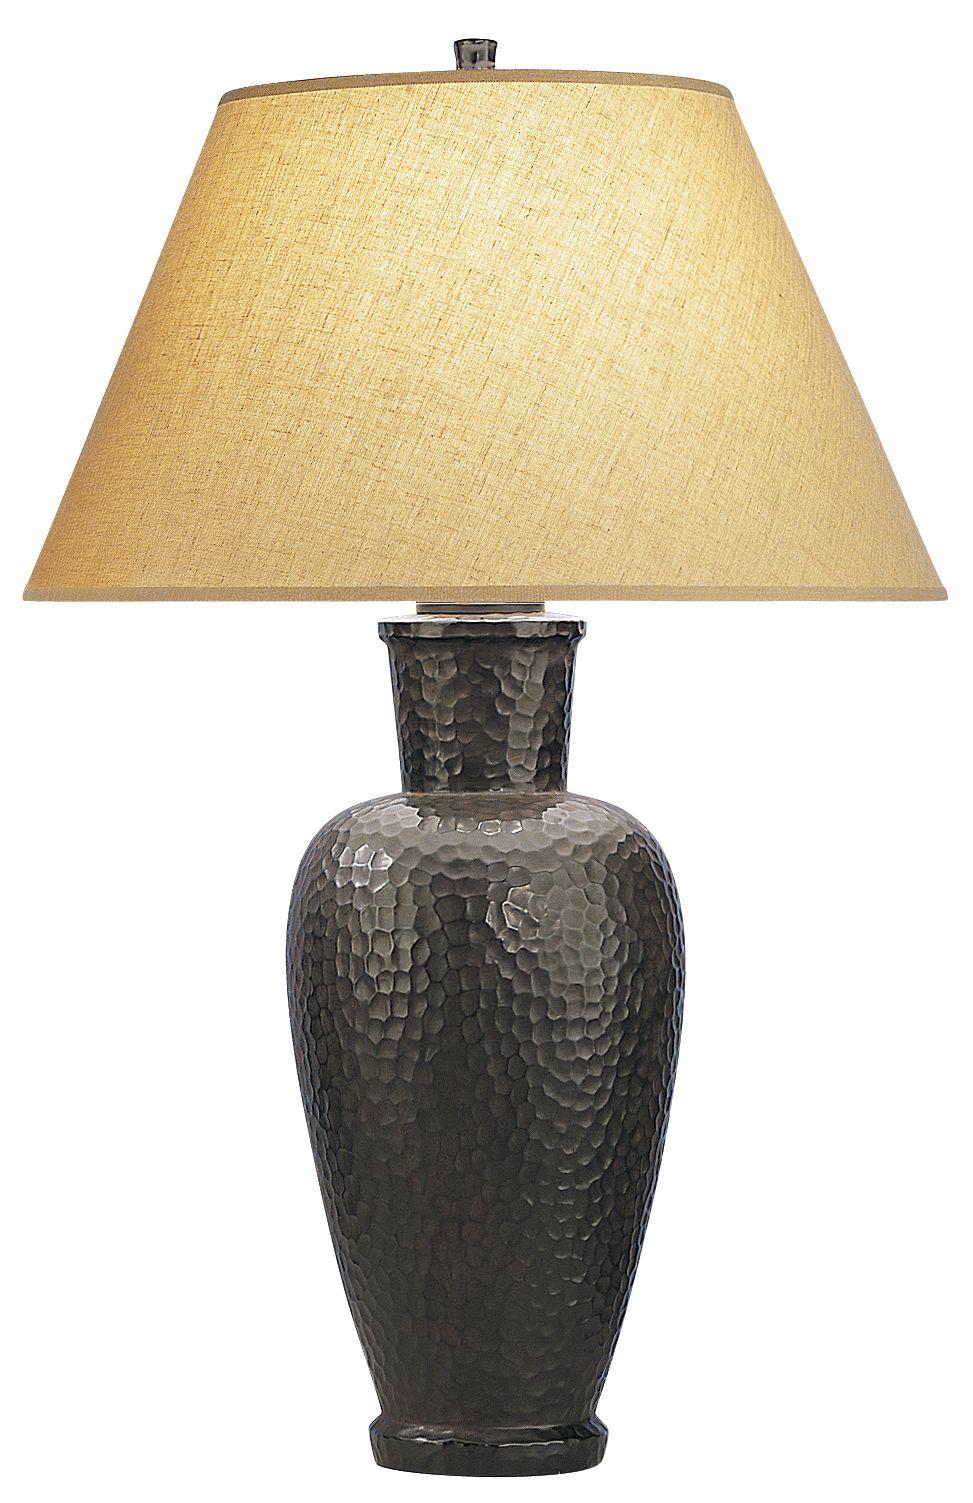 Robert Abbey Beaux Arts Table Lamp